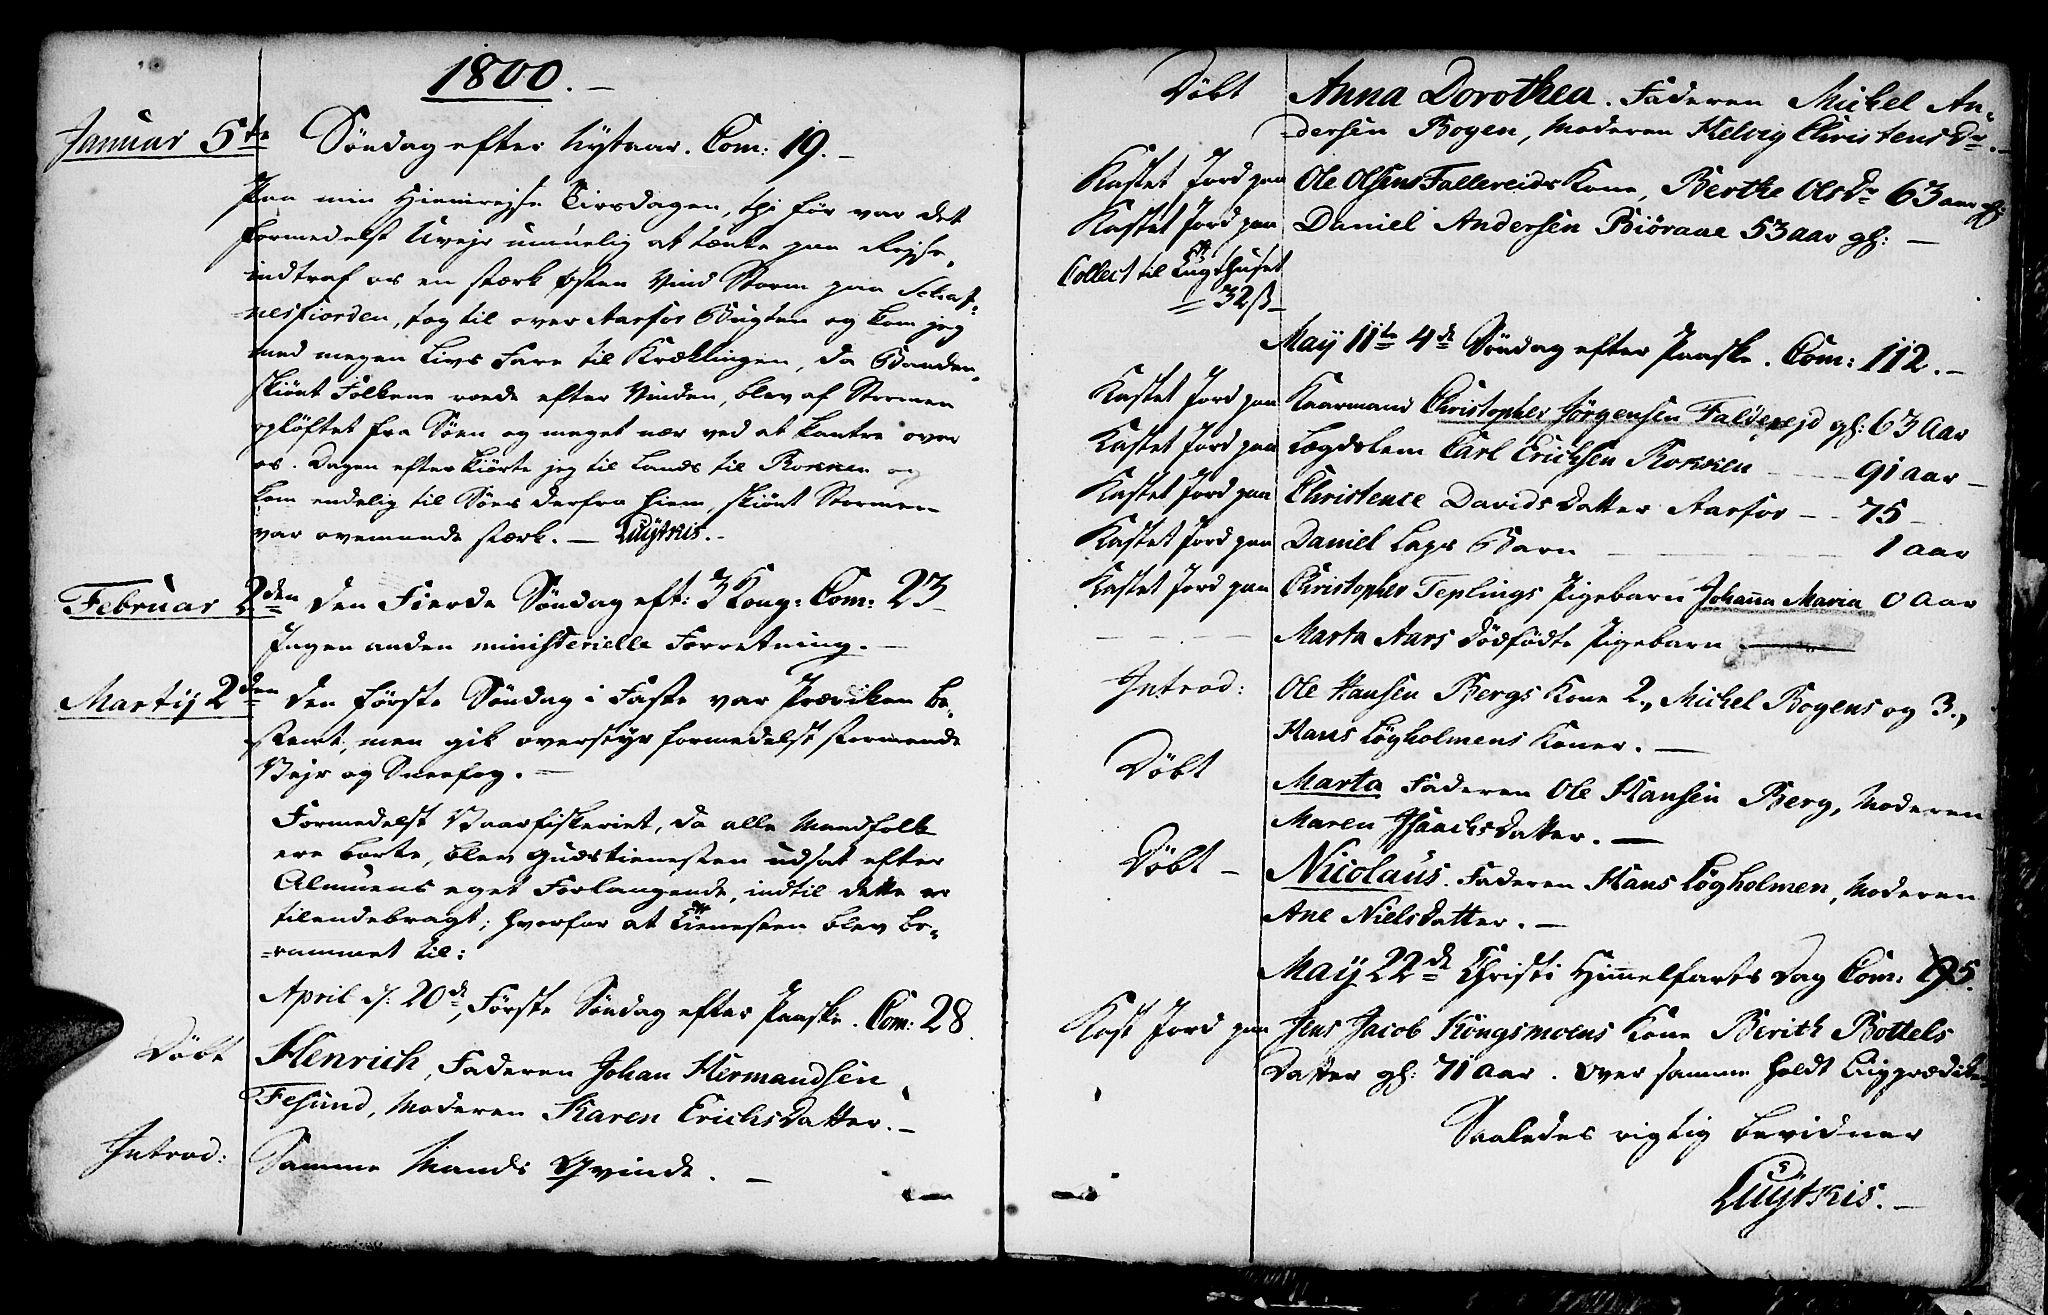 SAT, Ministerialprotokoller, klokkerbøker og fødselsregistre - Nord-Trøndelag, 783/L0659: Ministerialbok nr. 783A01, 1689-1814